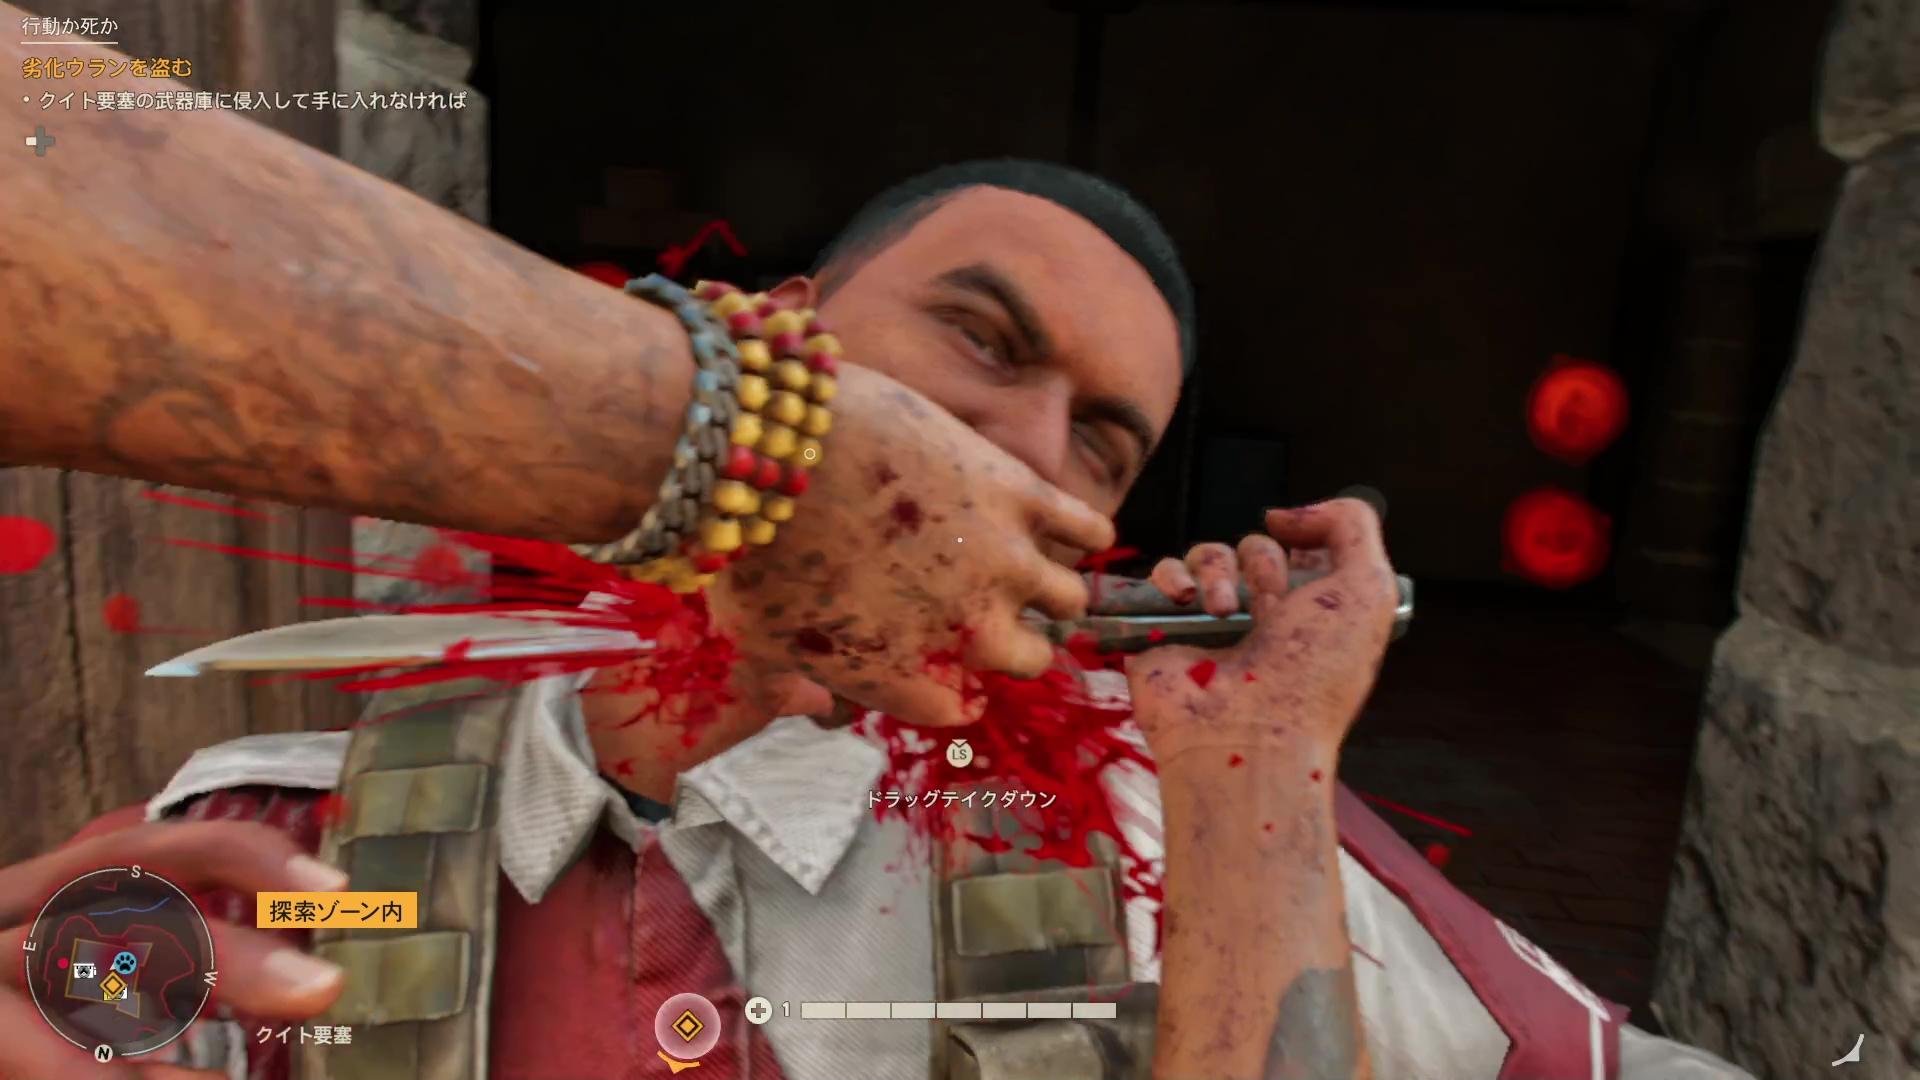 ダニーは敵を暗殺をするときマチェーテ(蛮刀)を使う